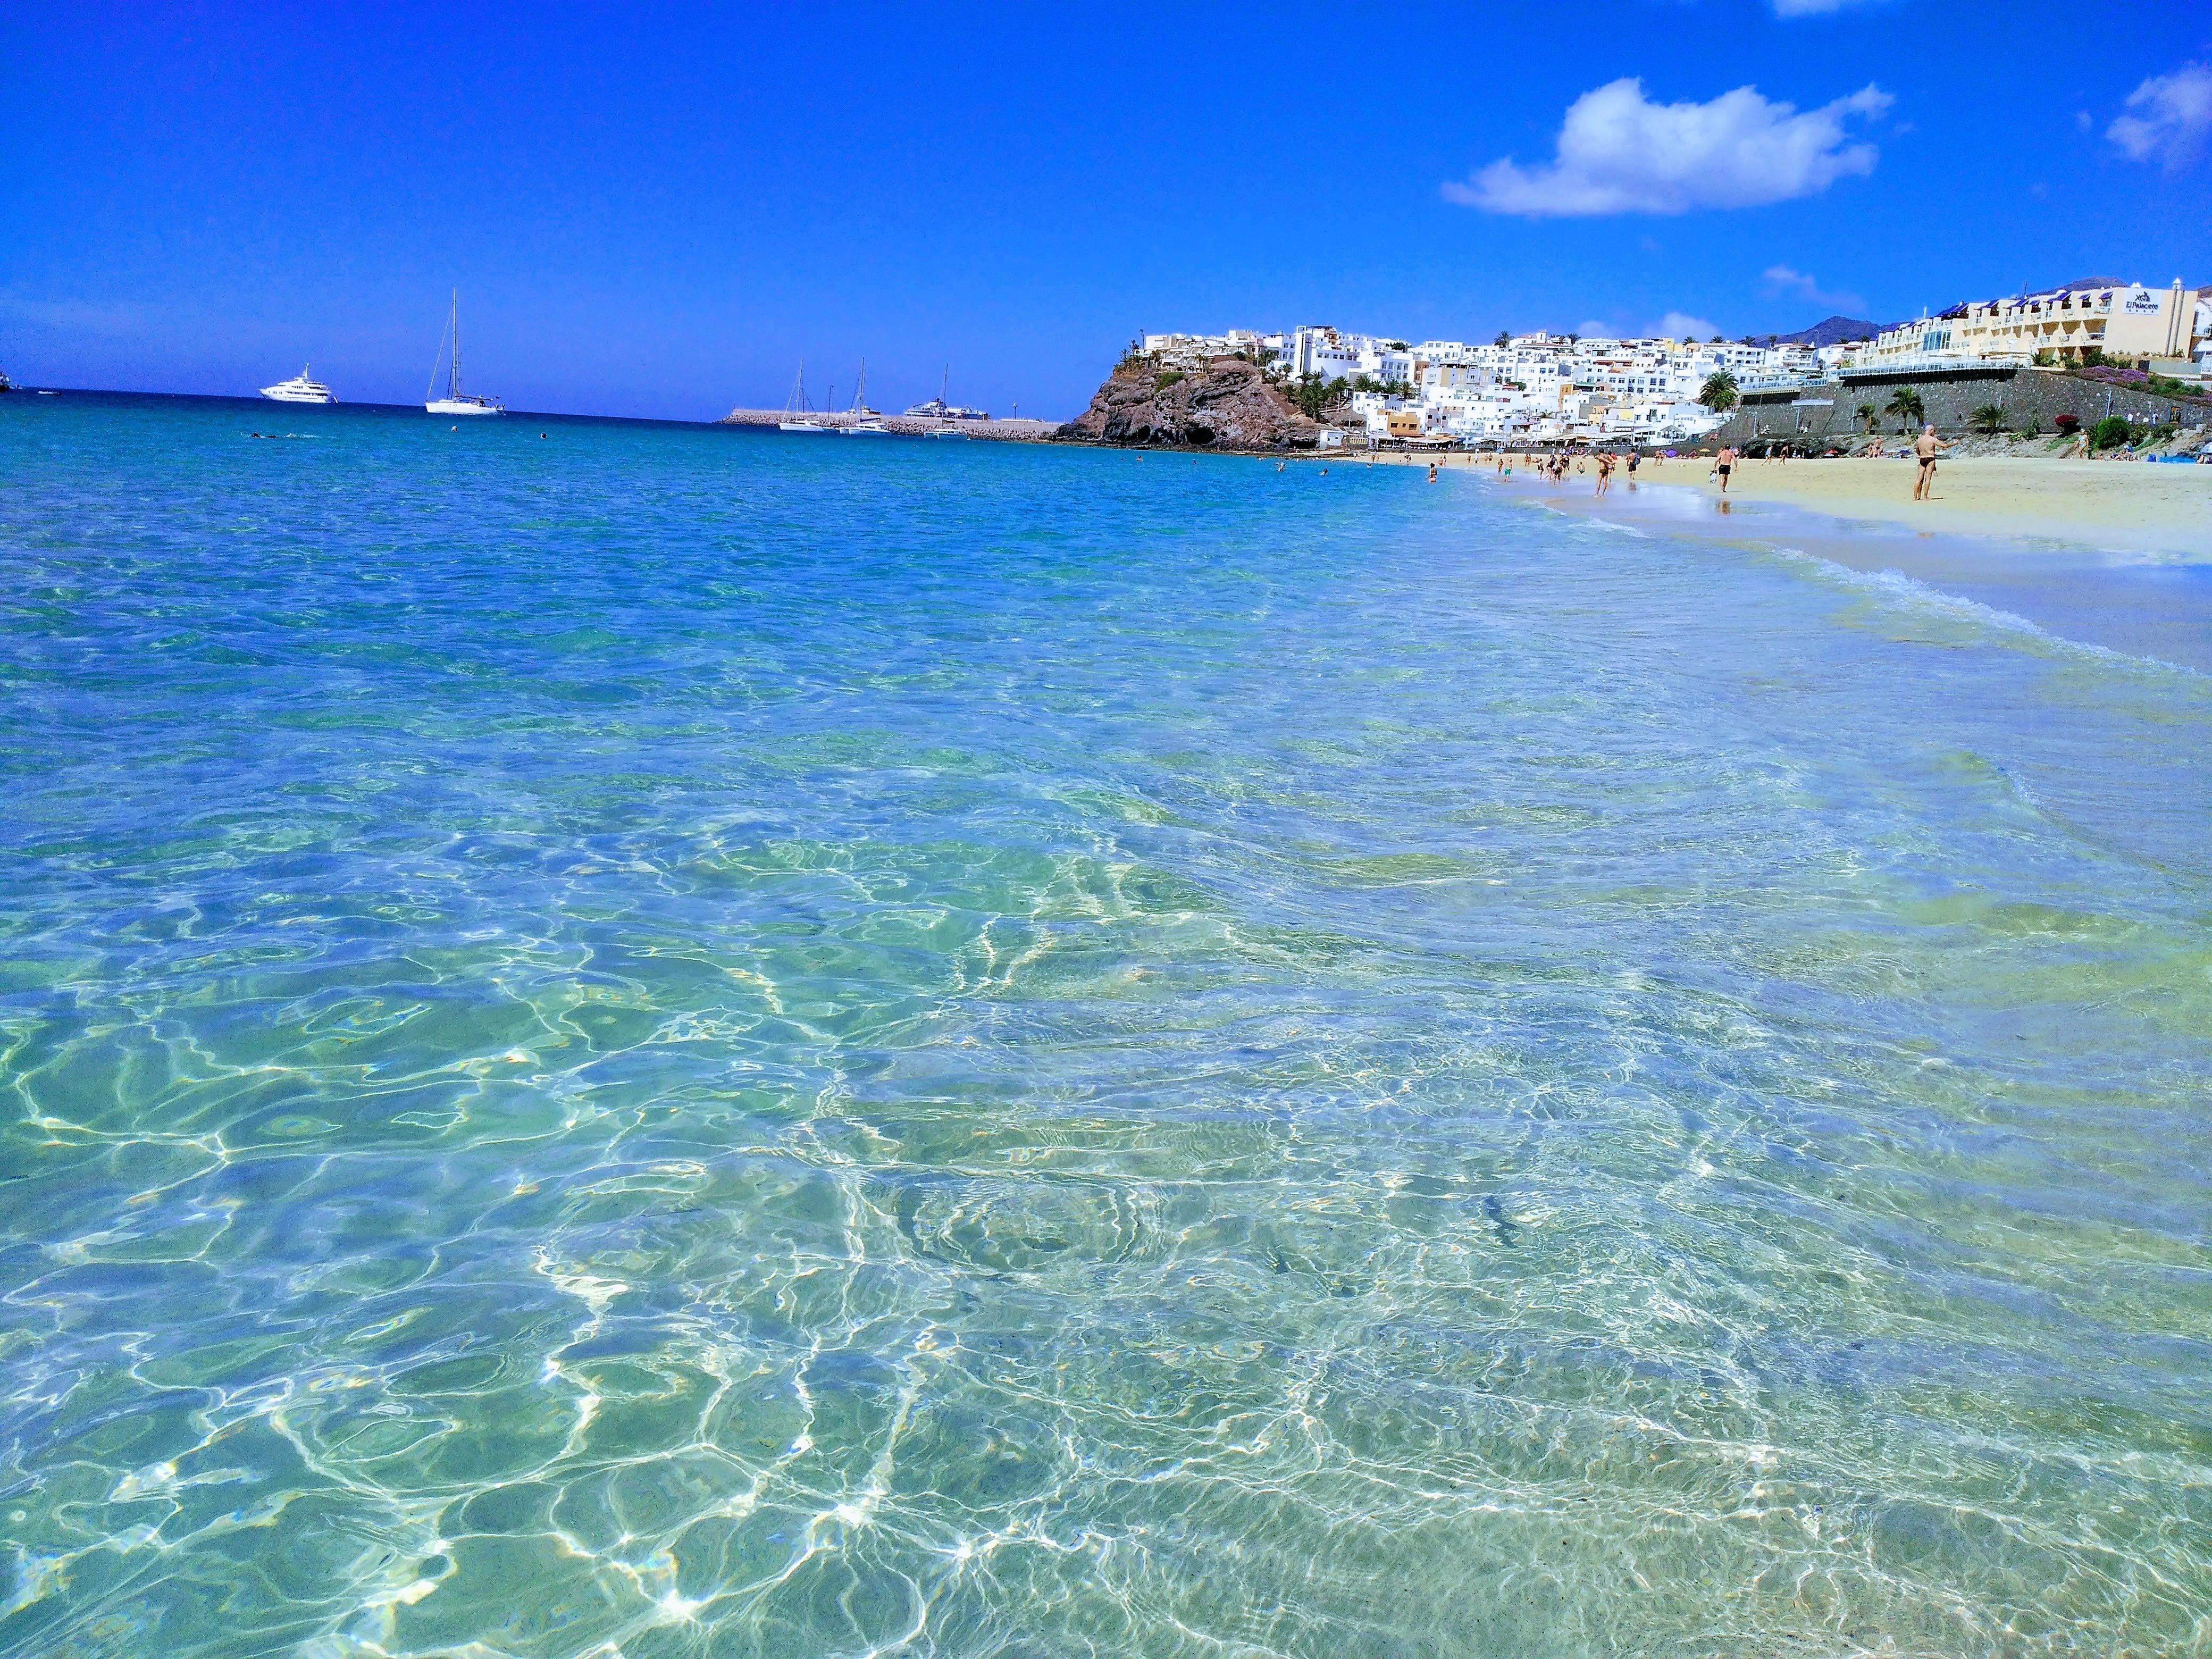 Ferienwohnung Apartment in Strandnhe mit groer Terrasse, Wlan und Parkplatz (2628896), Costa Calma, Fuerteventura, Kanarische Inseln, Spanien, Bild 29